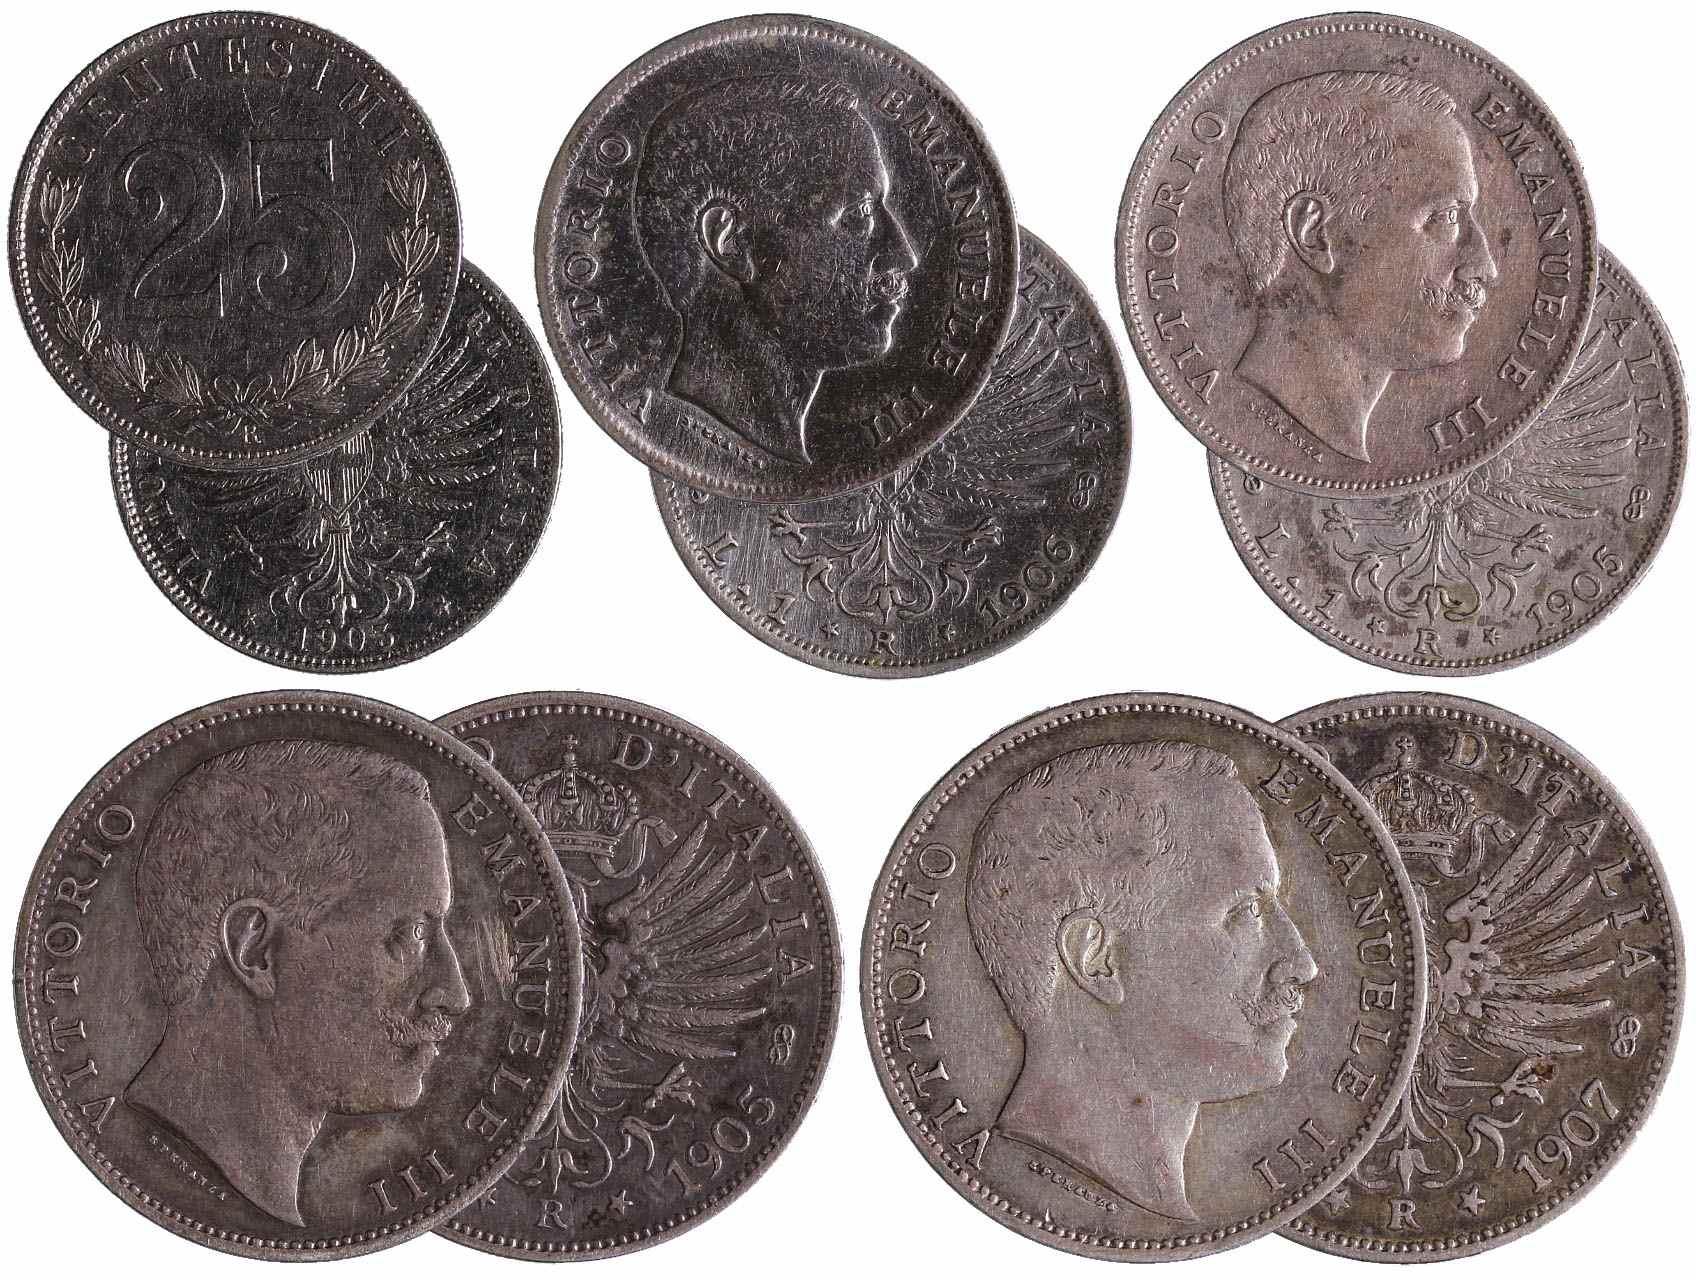 Itálie, Viktor Emanuel III. 1900-1946 - 25 Centisimi 1903 R, 1 Lira 1905 R, 1906 R, 2 Liry 1905 R a 1907 R, celkem 5 ks.